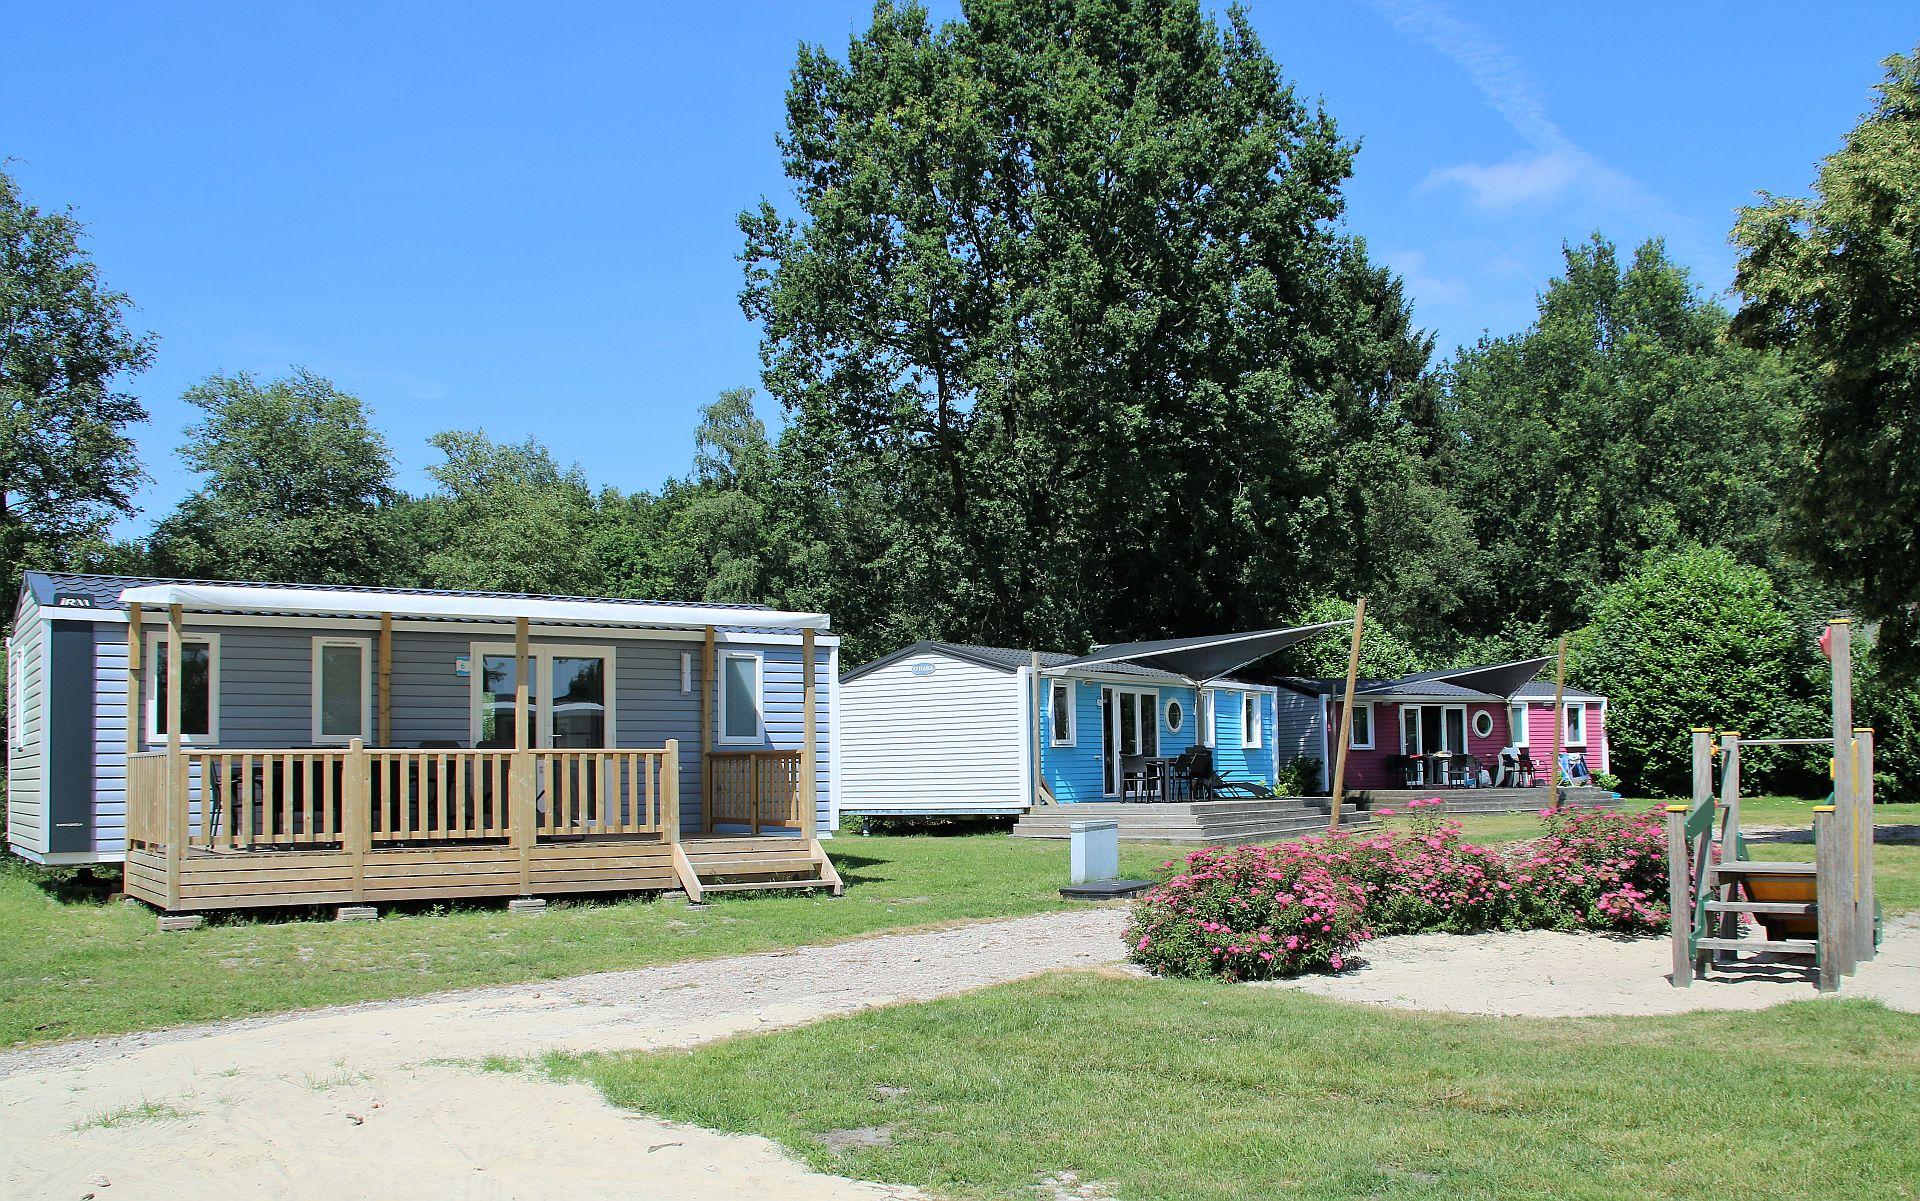 Op ons park hebben wij ook een stacaravan verhuur op de camping! - stacaravan verhuur op de camping